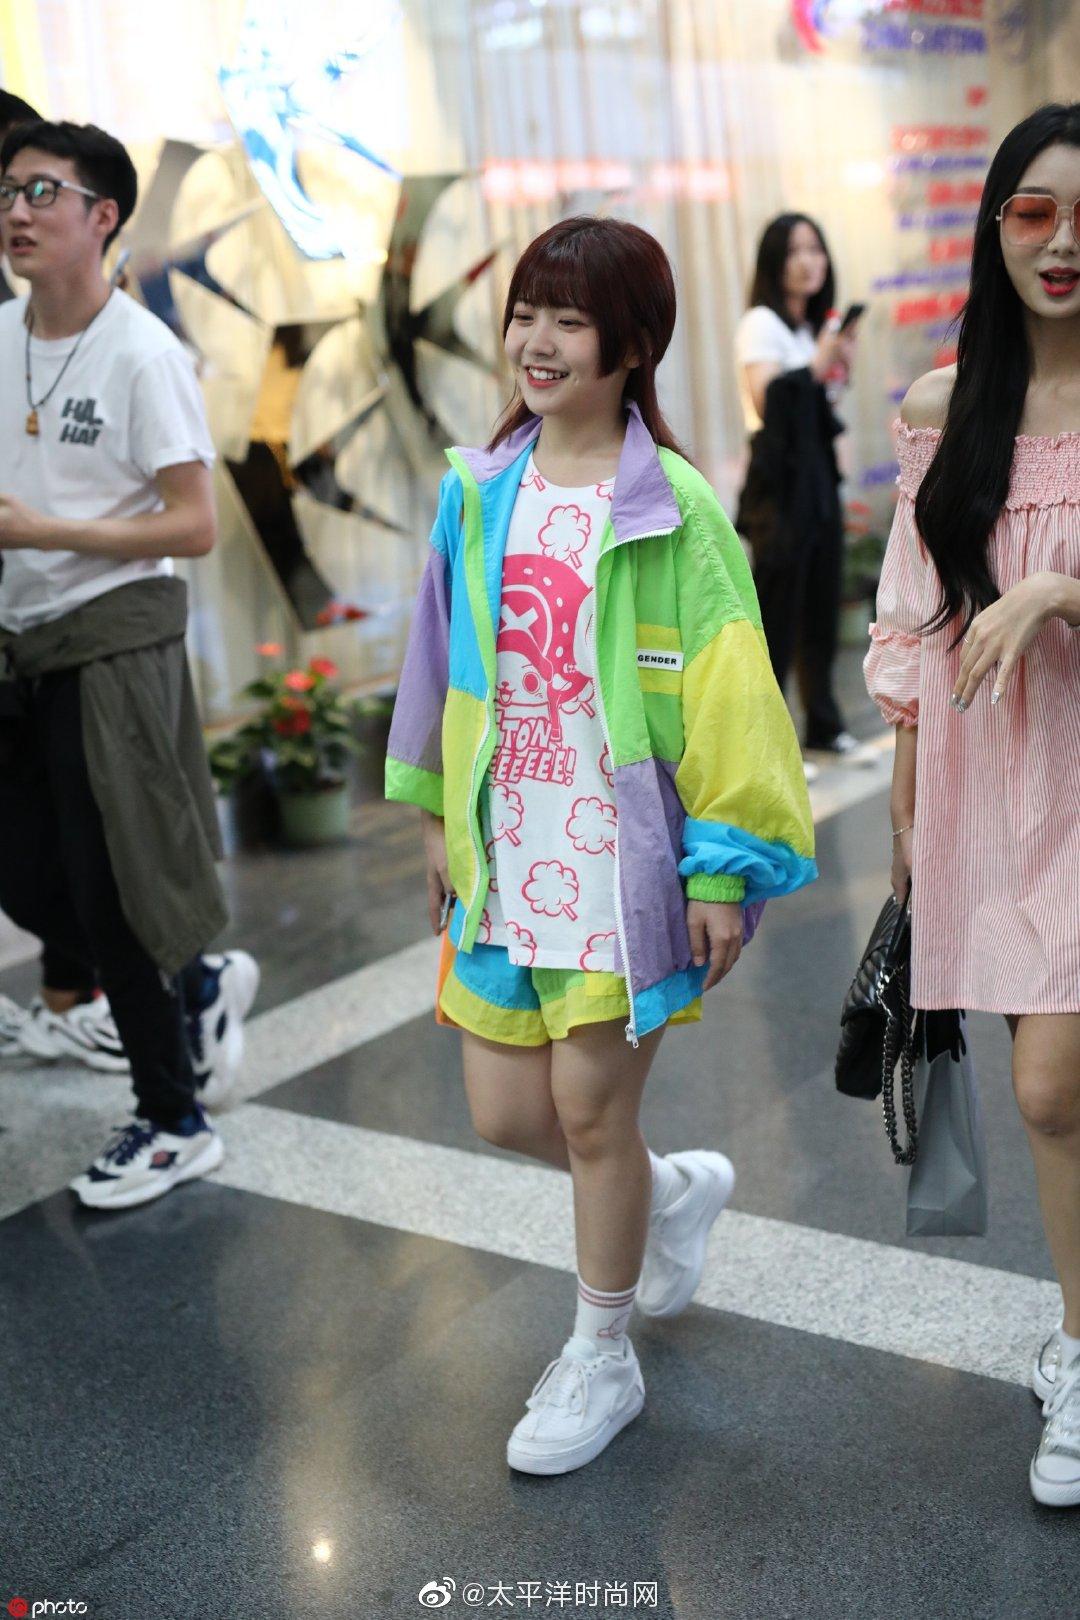 昨日 身穿彩色运动服套装,搭配印花TEE和小白鞋现身上海机场